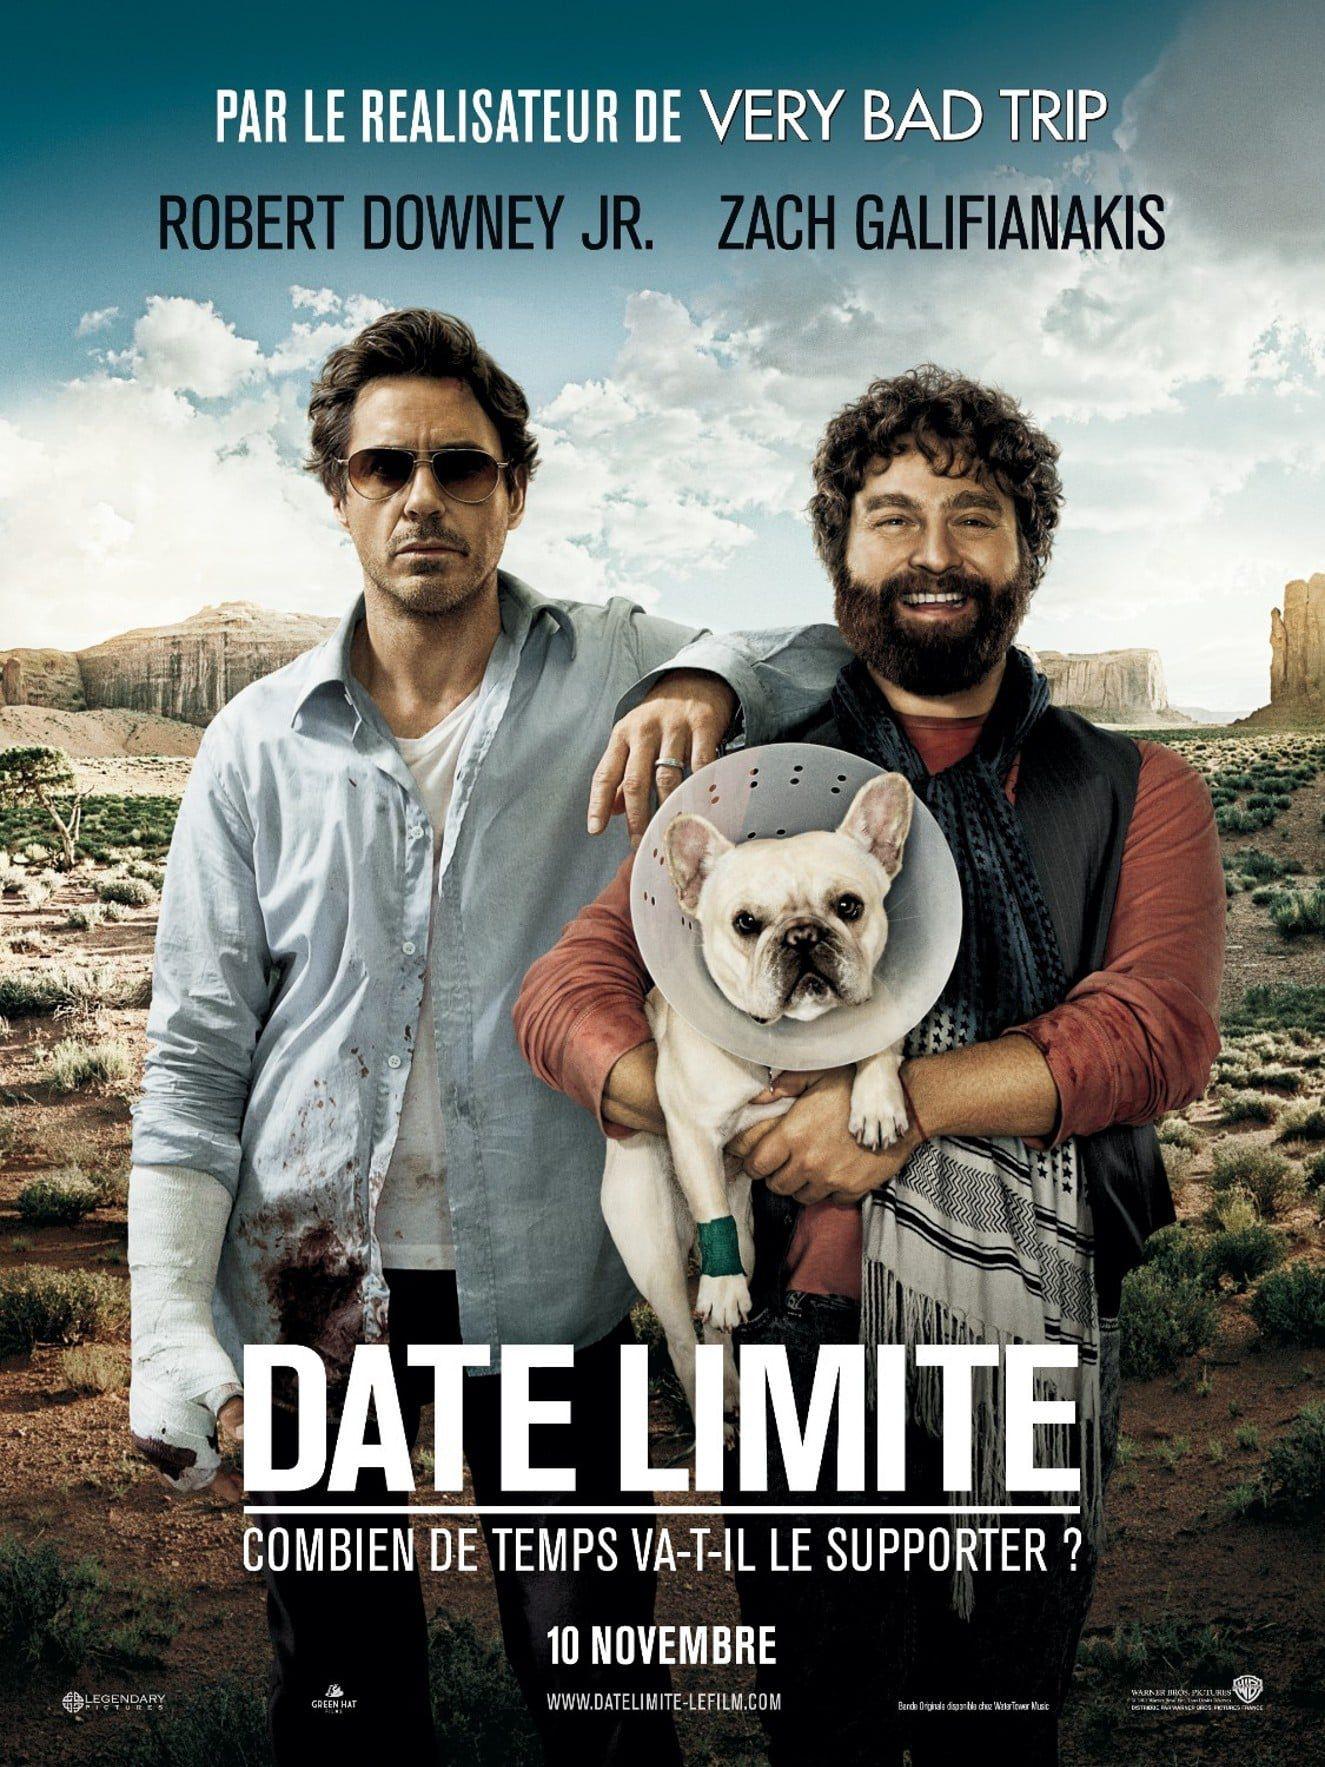 Date limite - Film (2010)